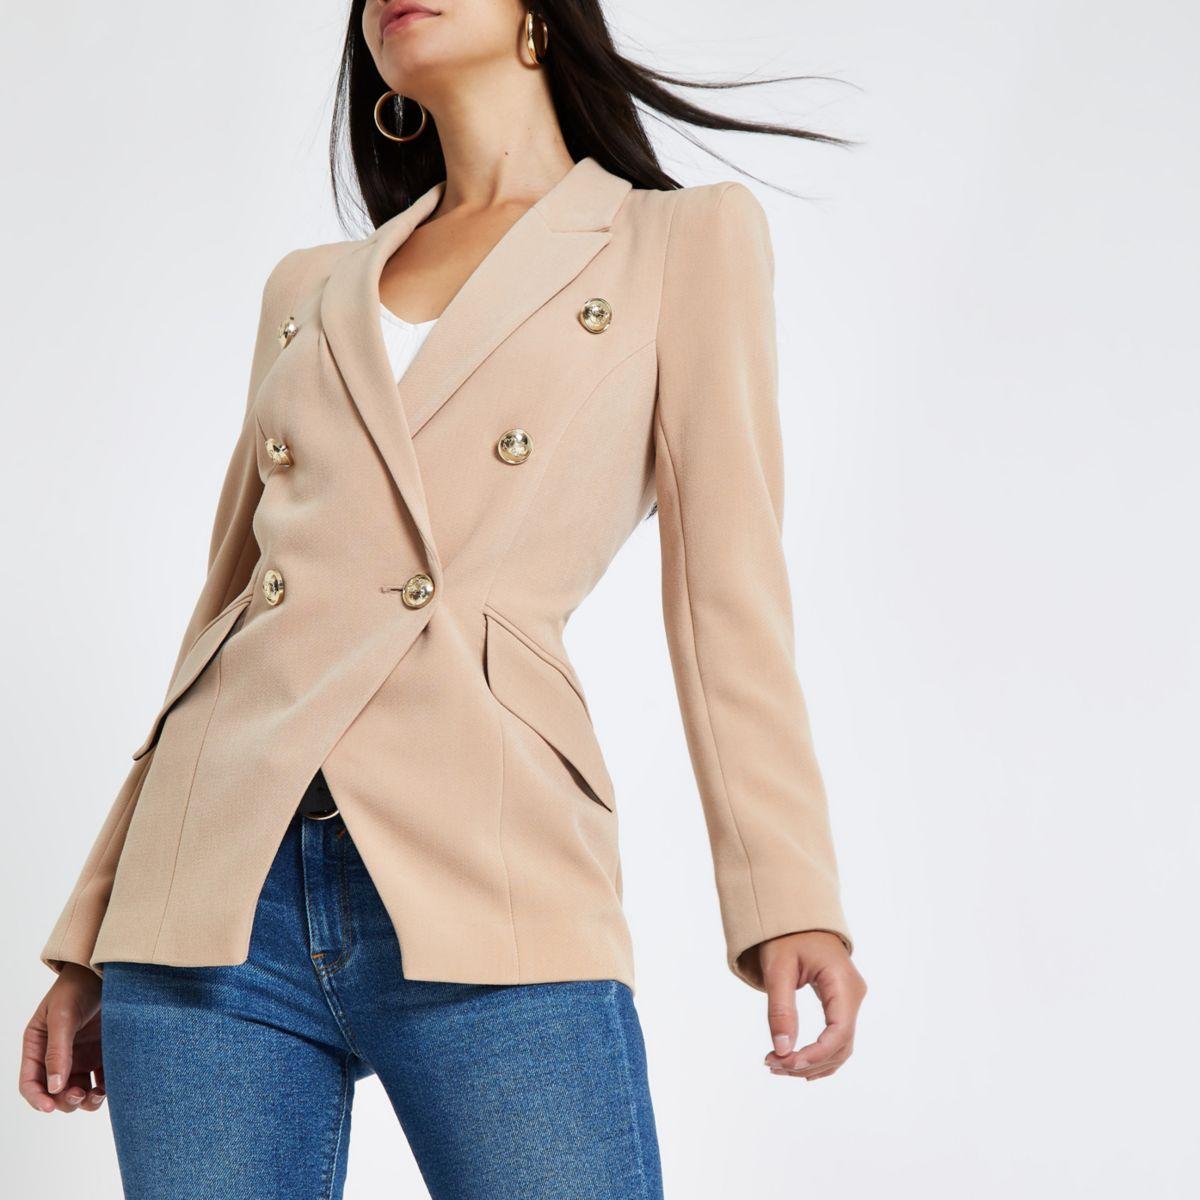 Beige double breasted tux jacketl